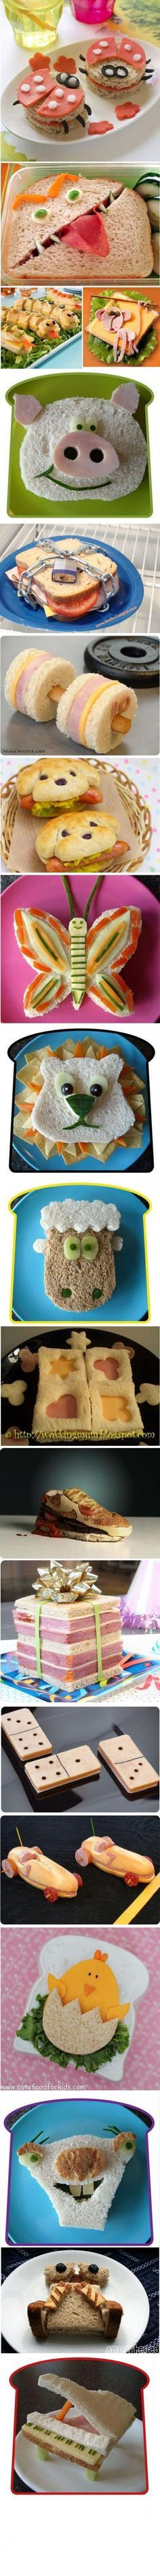 comida divertida dia da criança